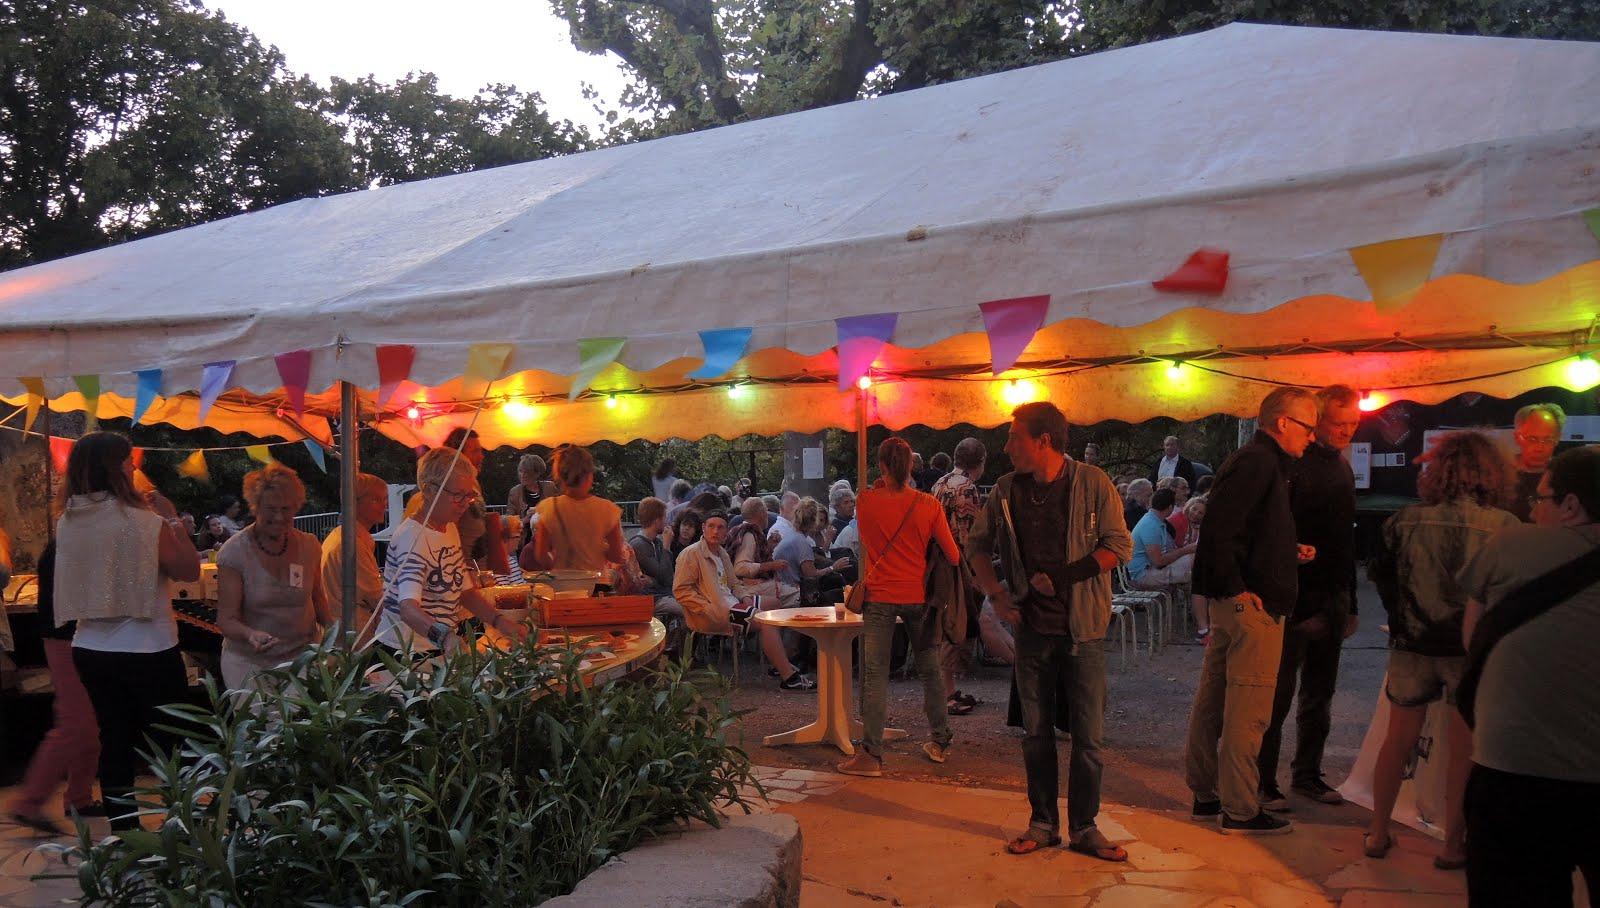 La buvette du Festival .... le soir tombe